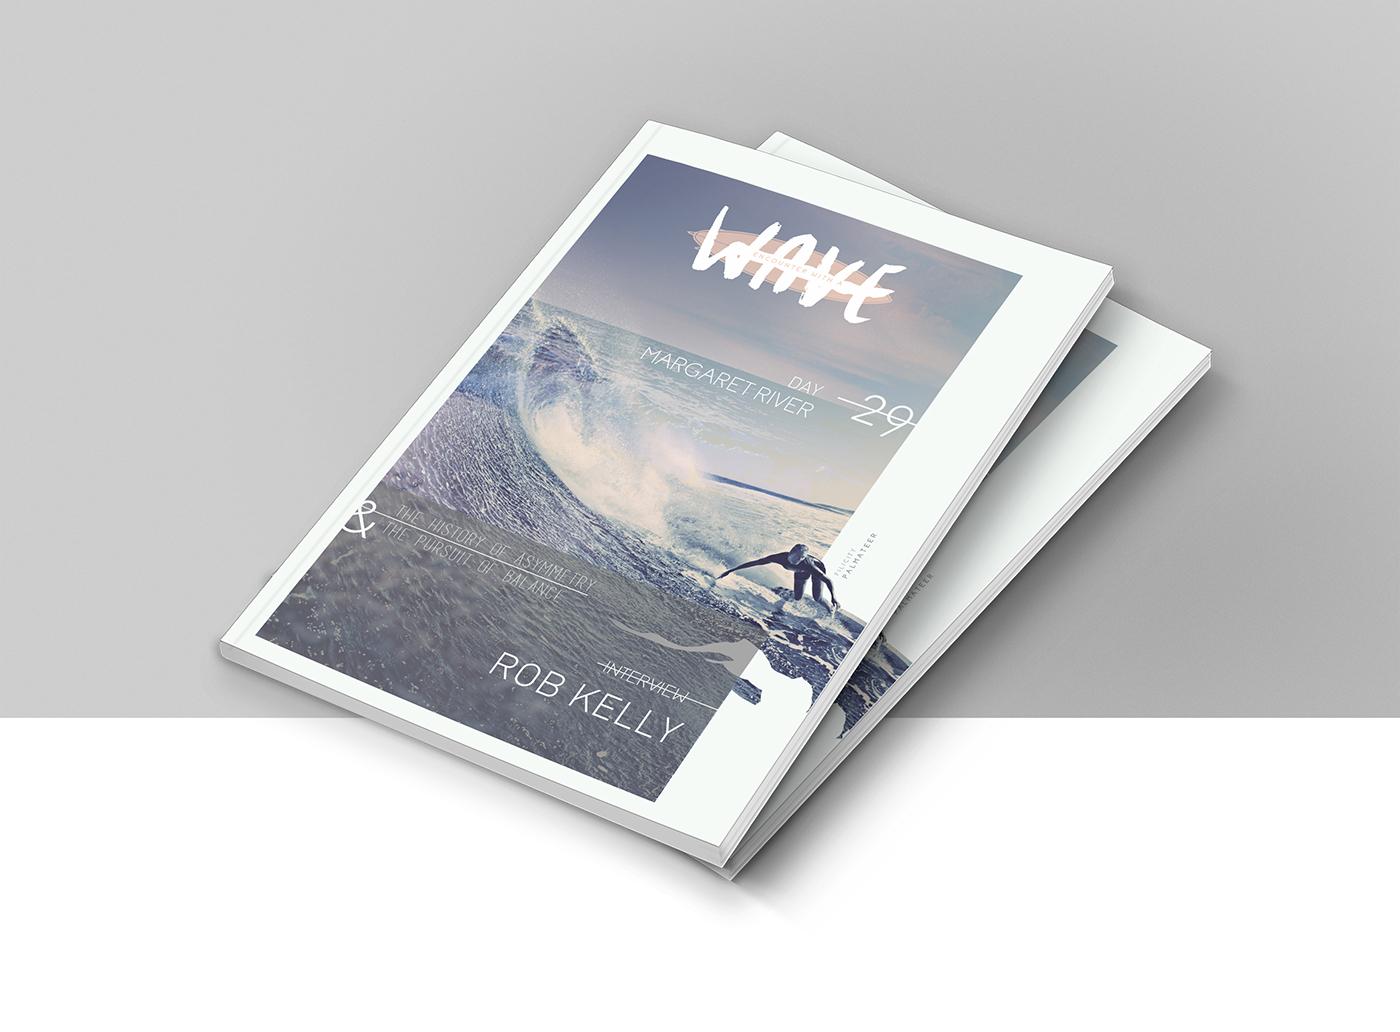 wave Surf surfing lifestyle magazine sport beach